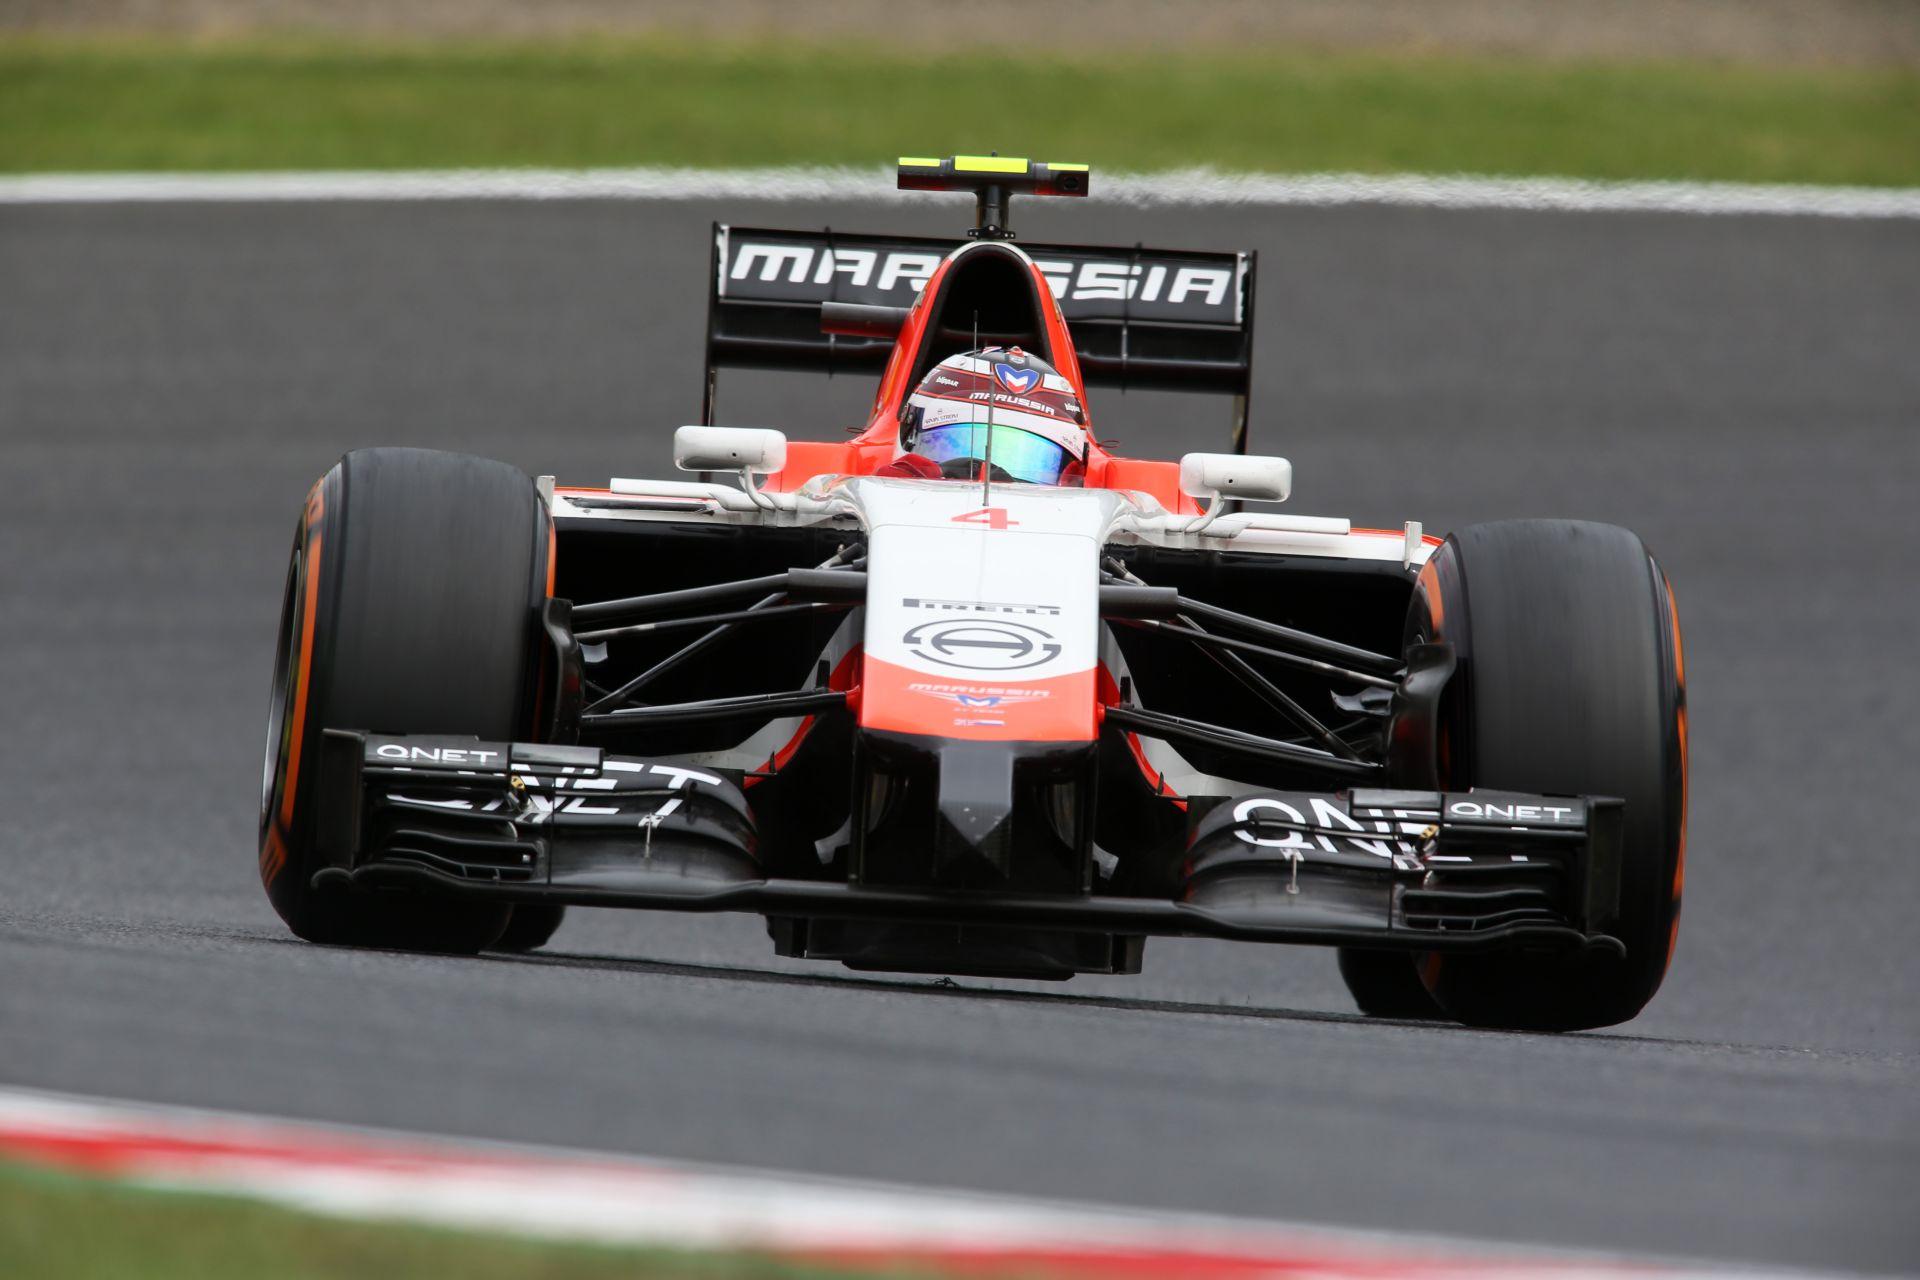 Röviden: Az F1-es csapat már nincs csődeljárás alatt!